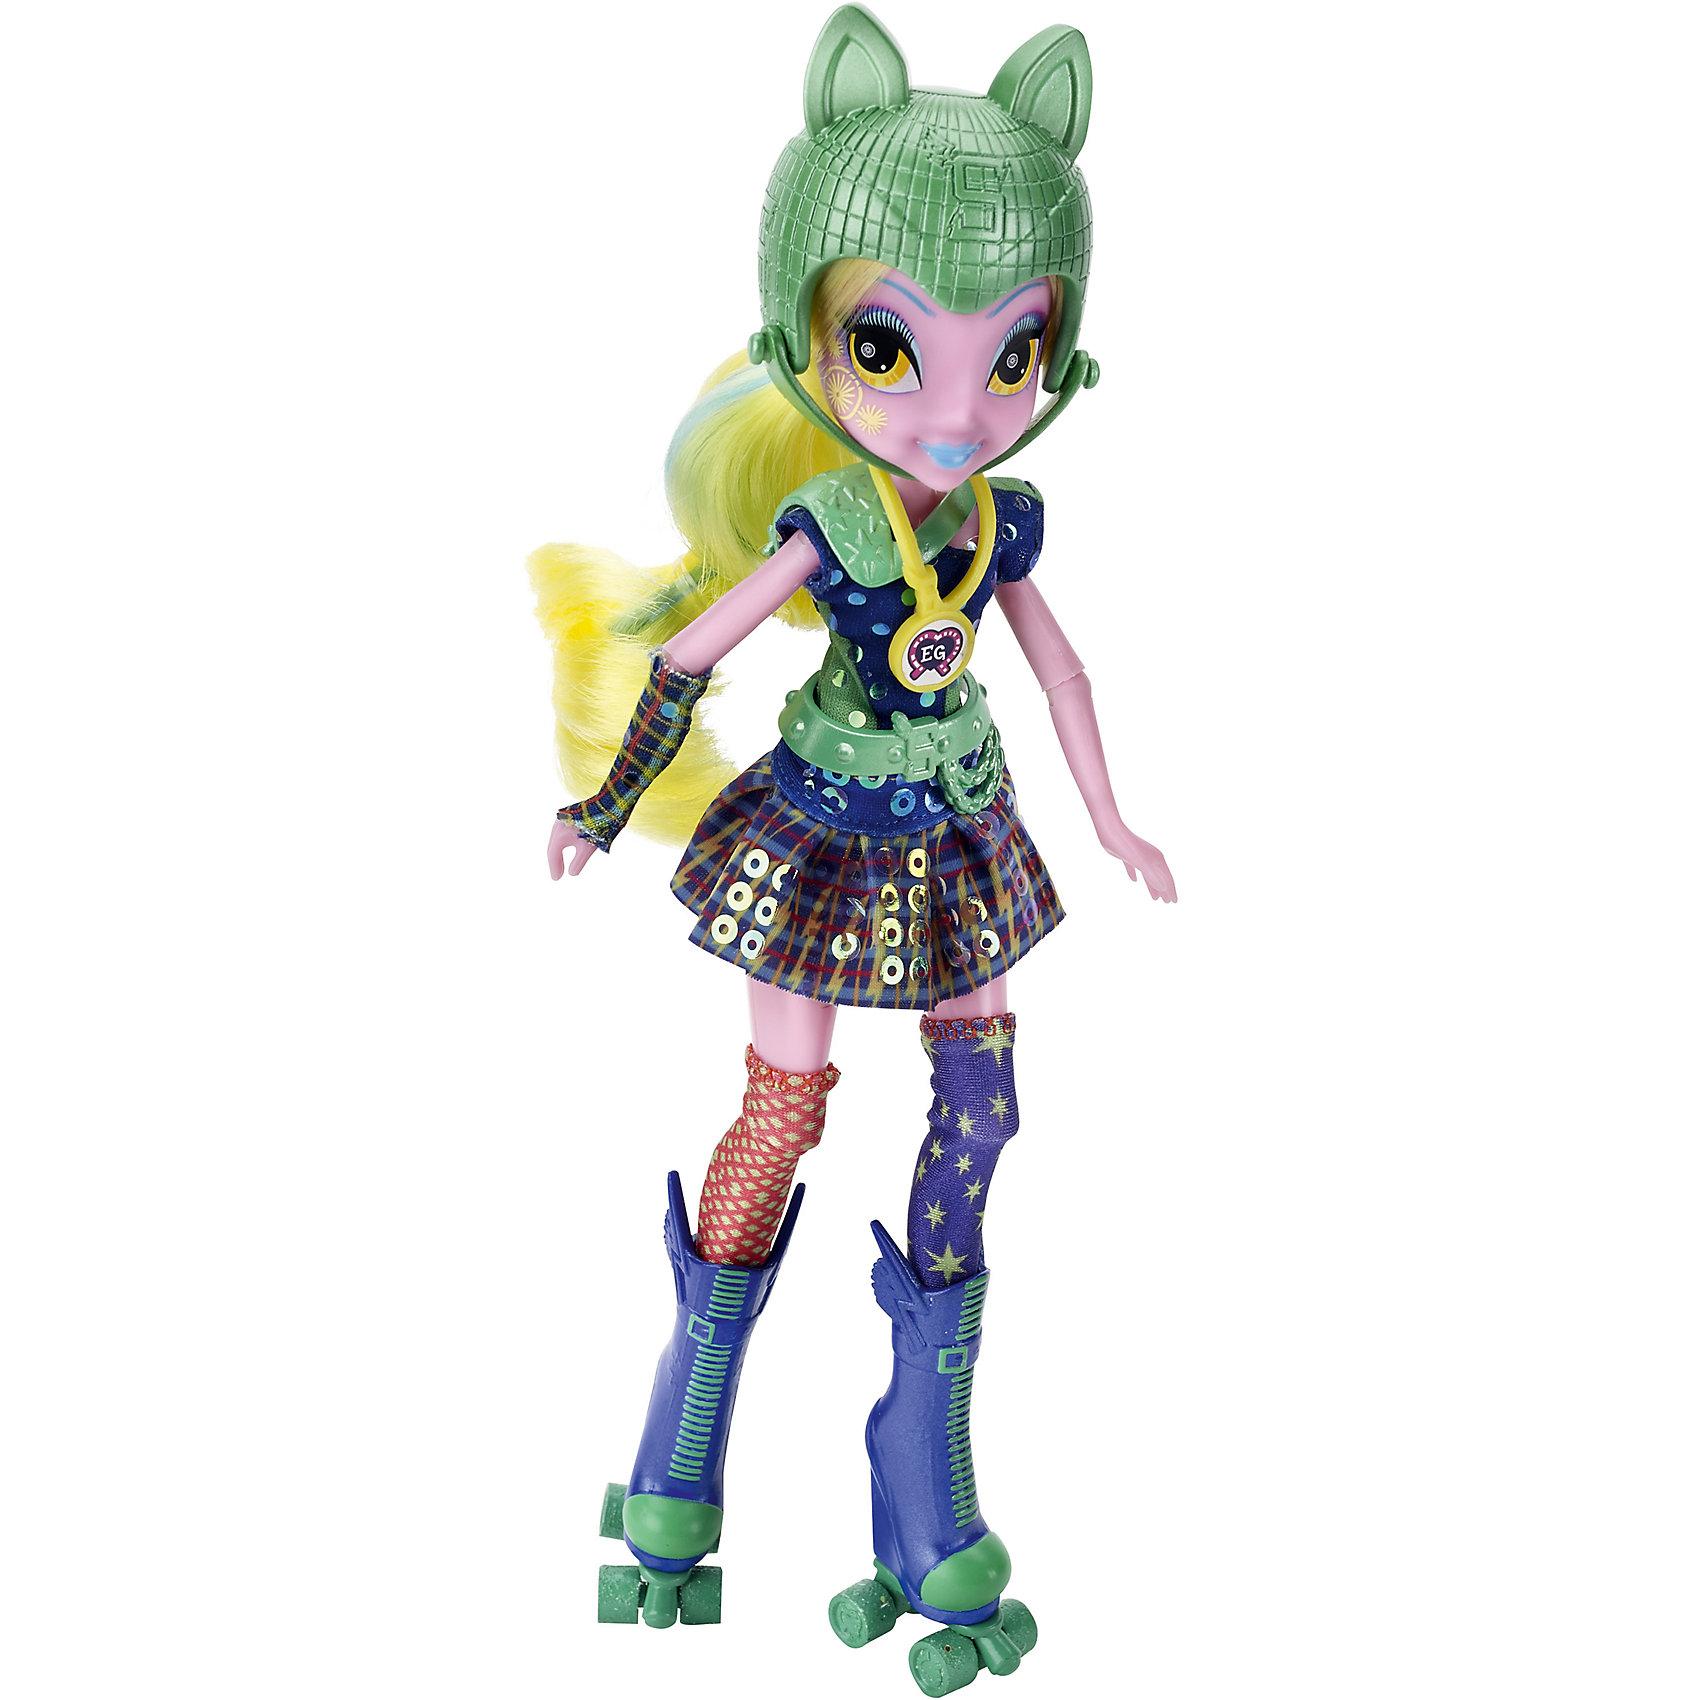 Hasbro Кукла Шедоуболт, с аксессуарами, Эквестрия герлз, B1772/B5682  hasbro мини кукла эквестрия герлз b4903 b7793